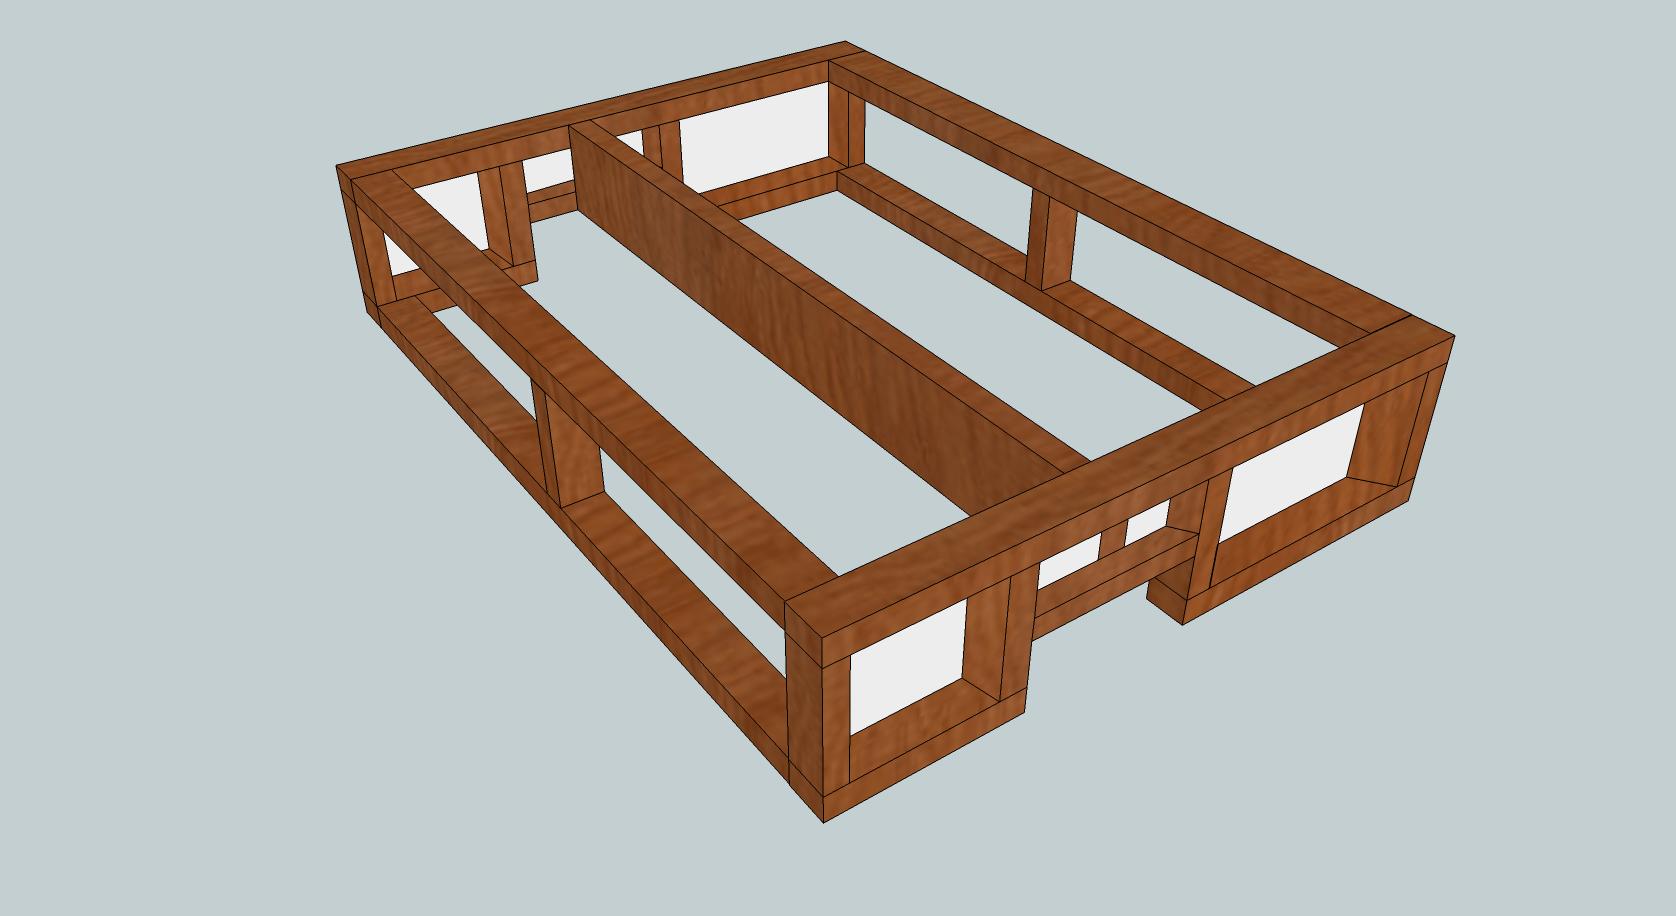 Build Bed Frame For Van